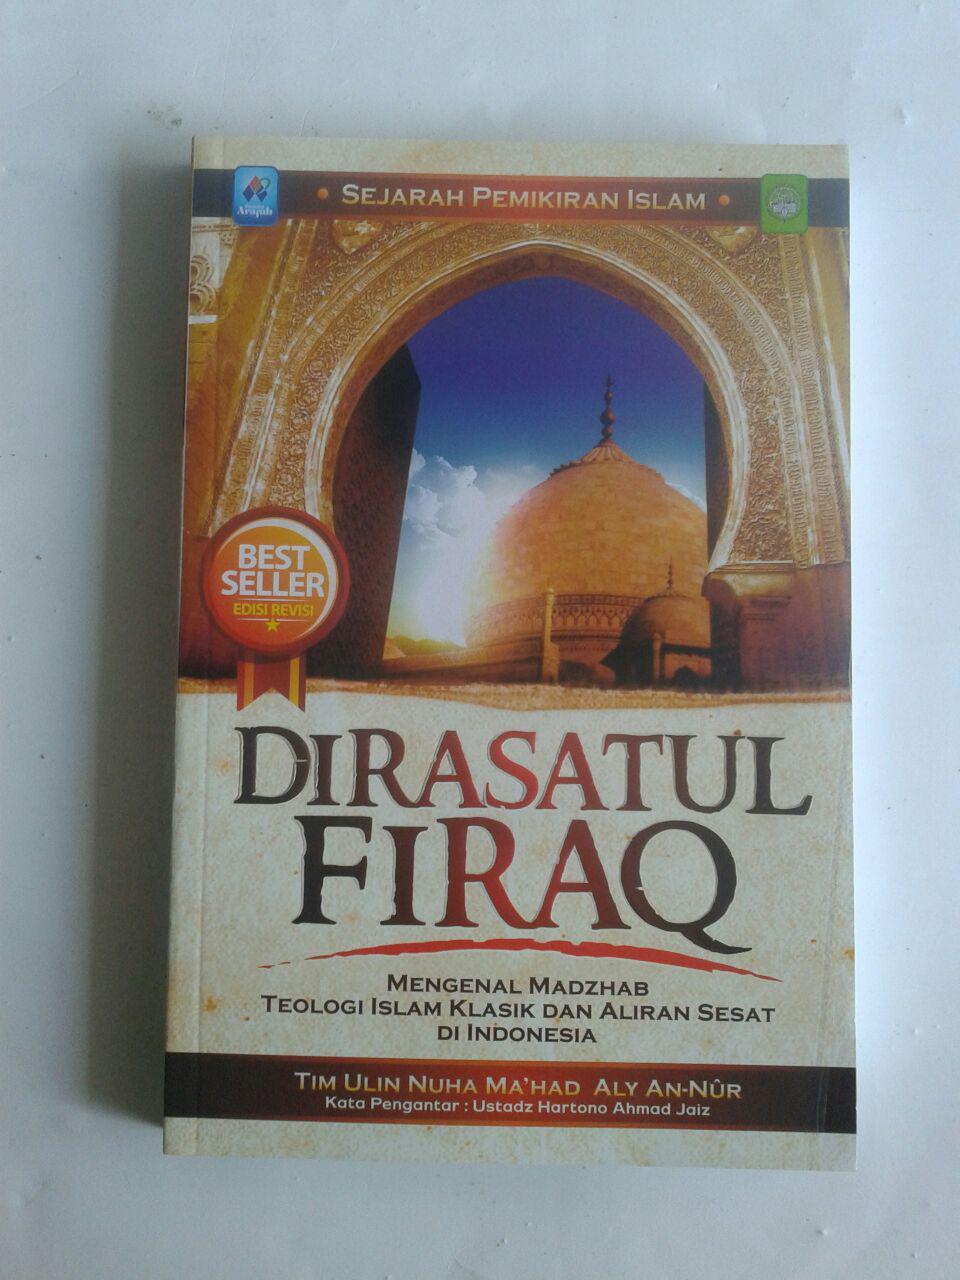 Buku Dirasatul Firaq Mengenal Madzhab Teologi Islam Klasik cover 2